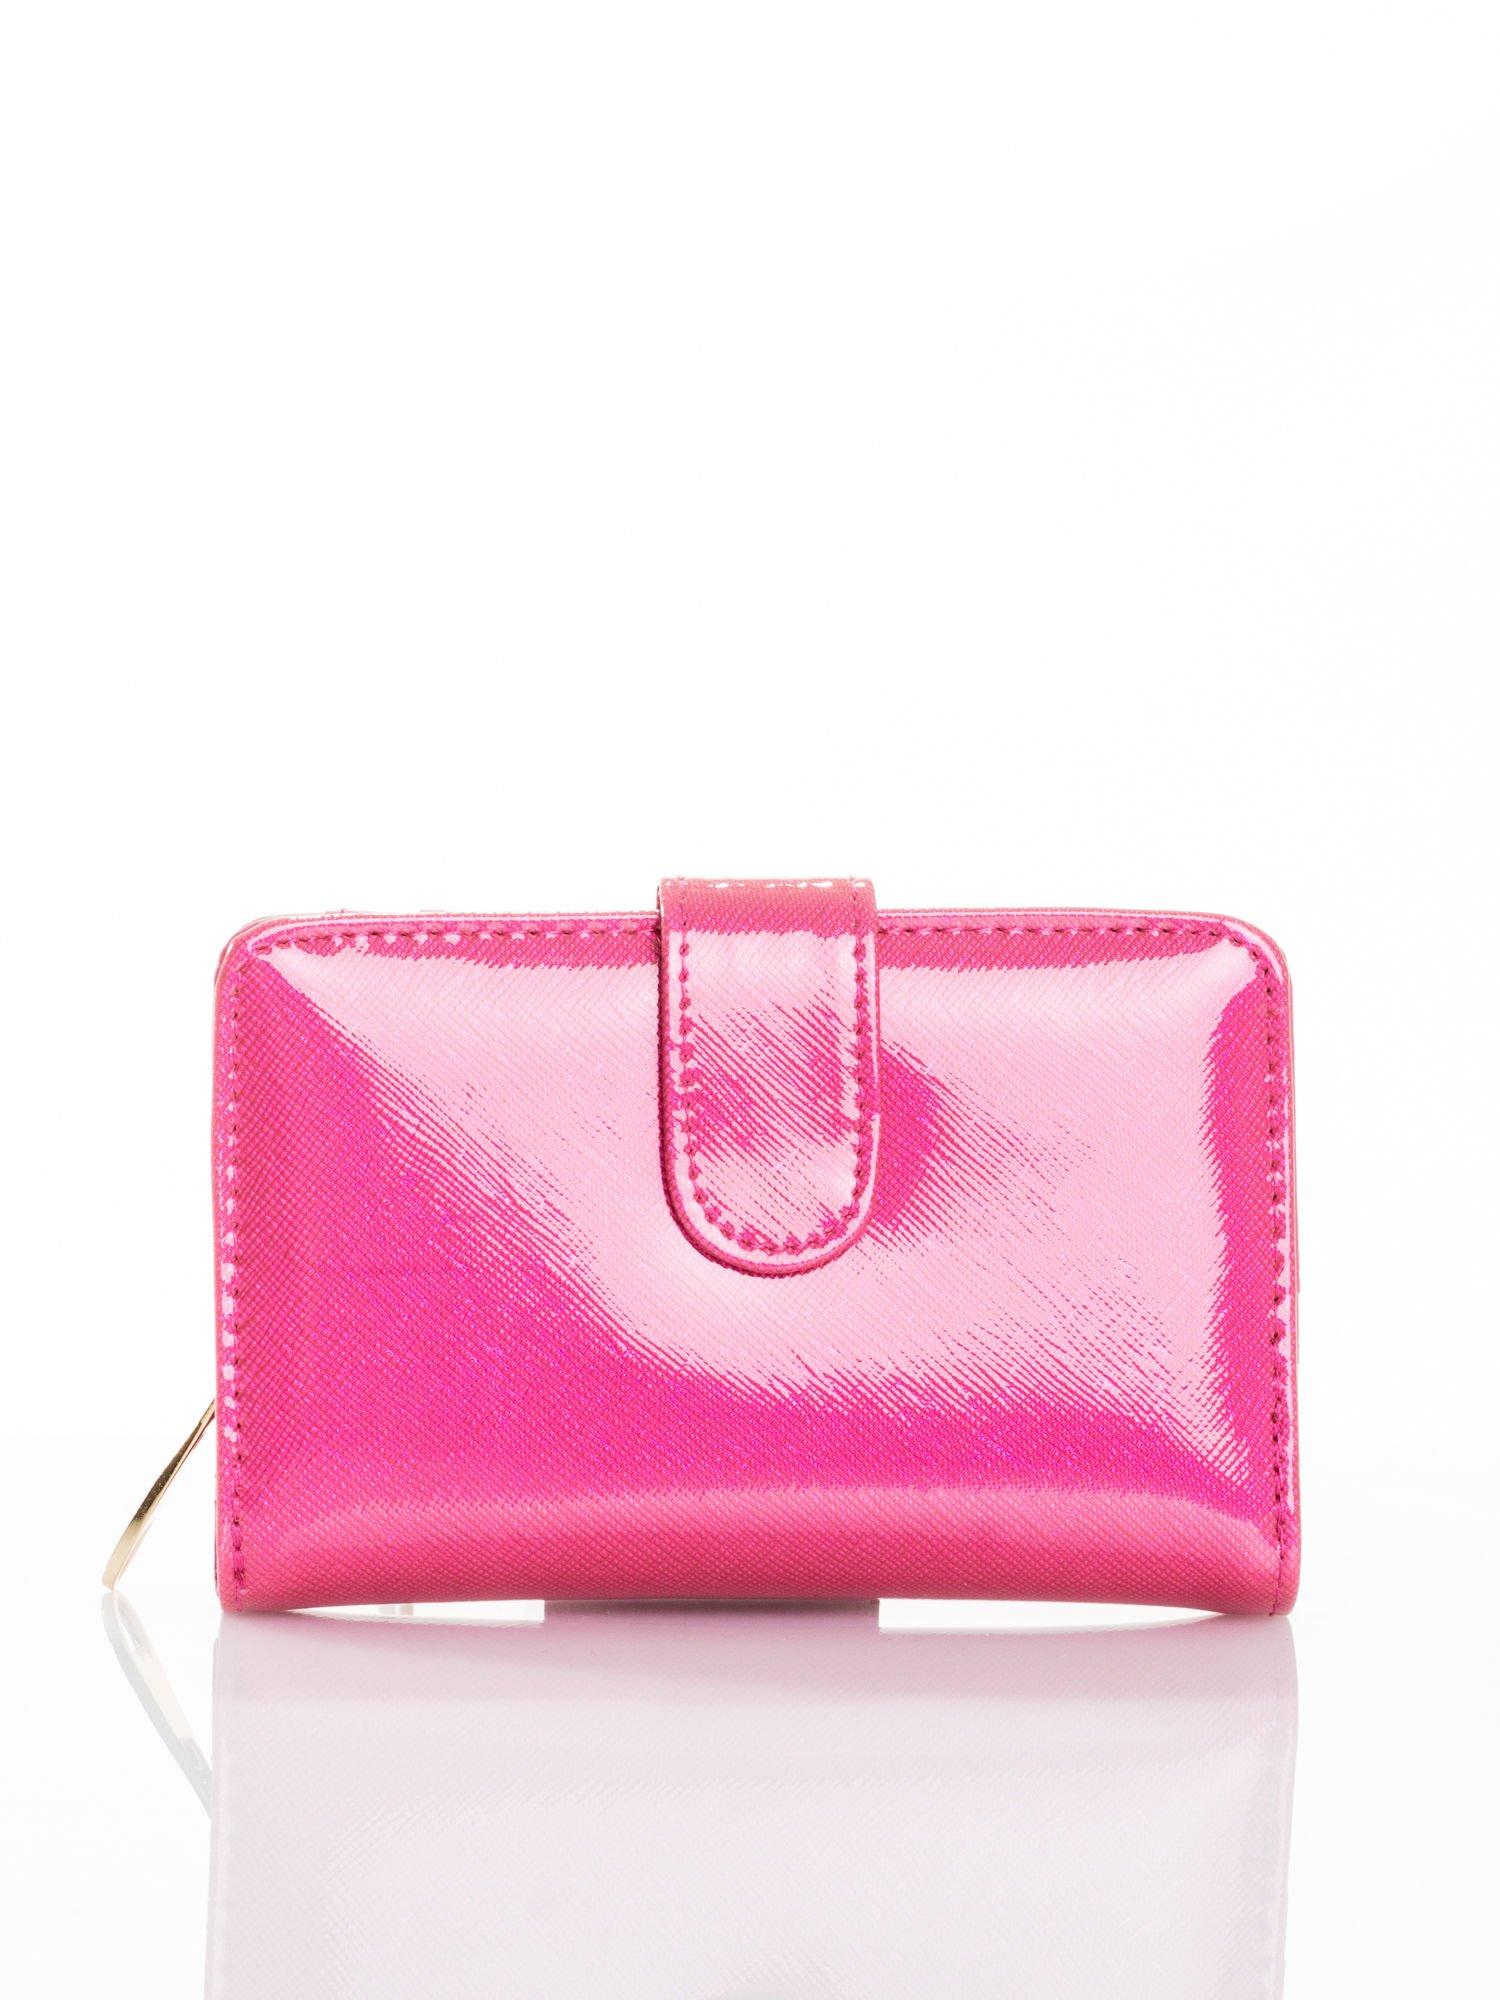 Różowy portfel efekt skóry saffiano                                  zdj.                                  1